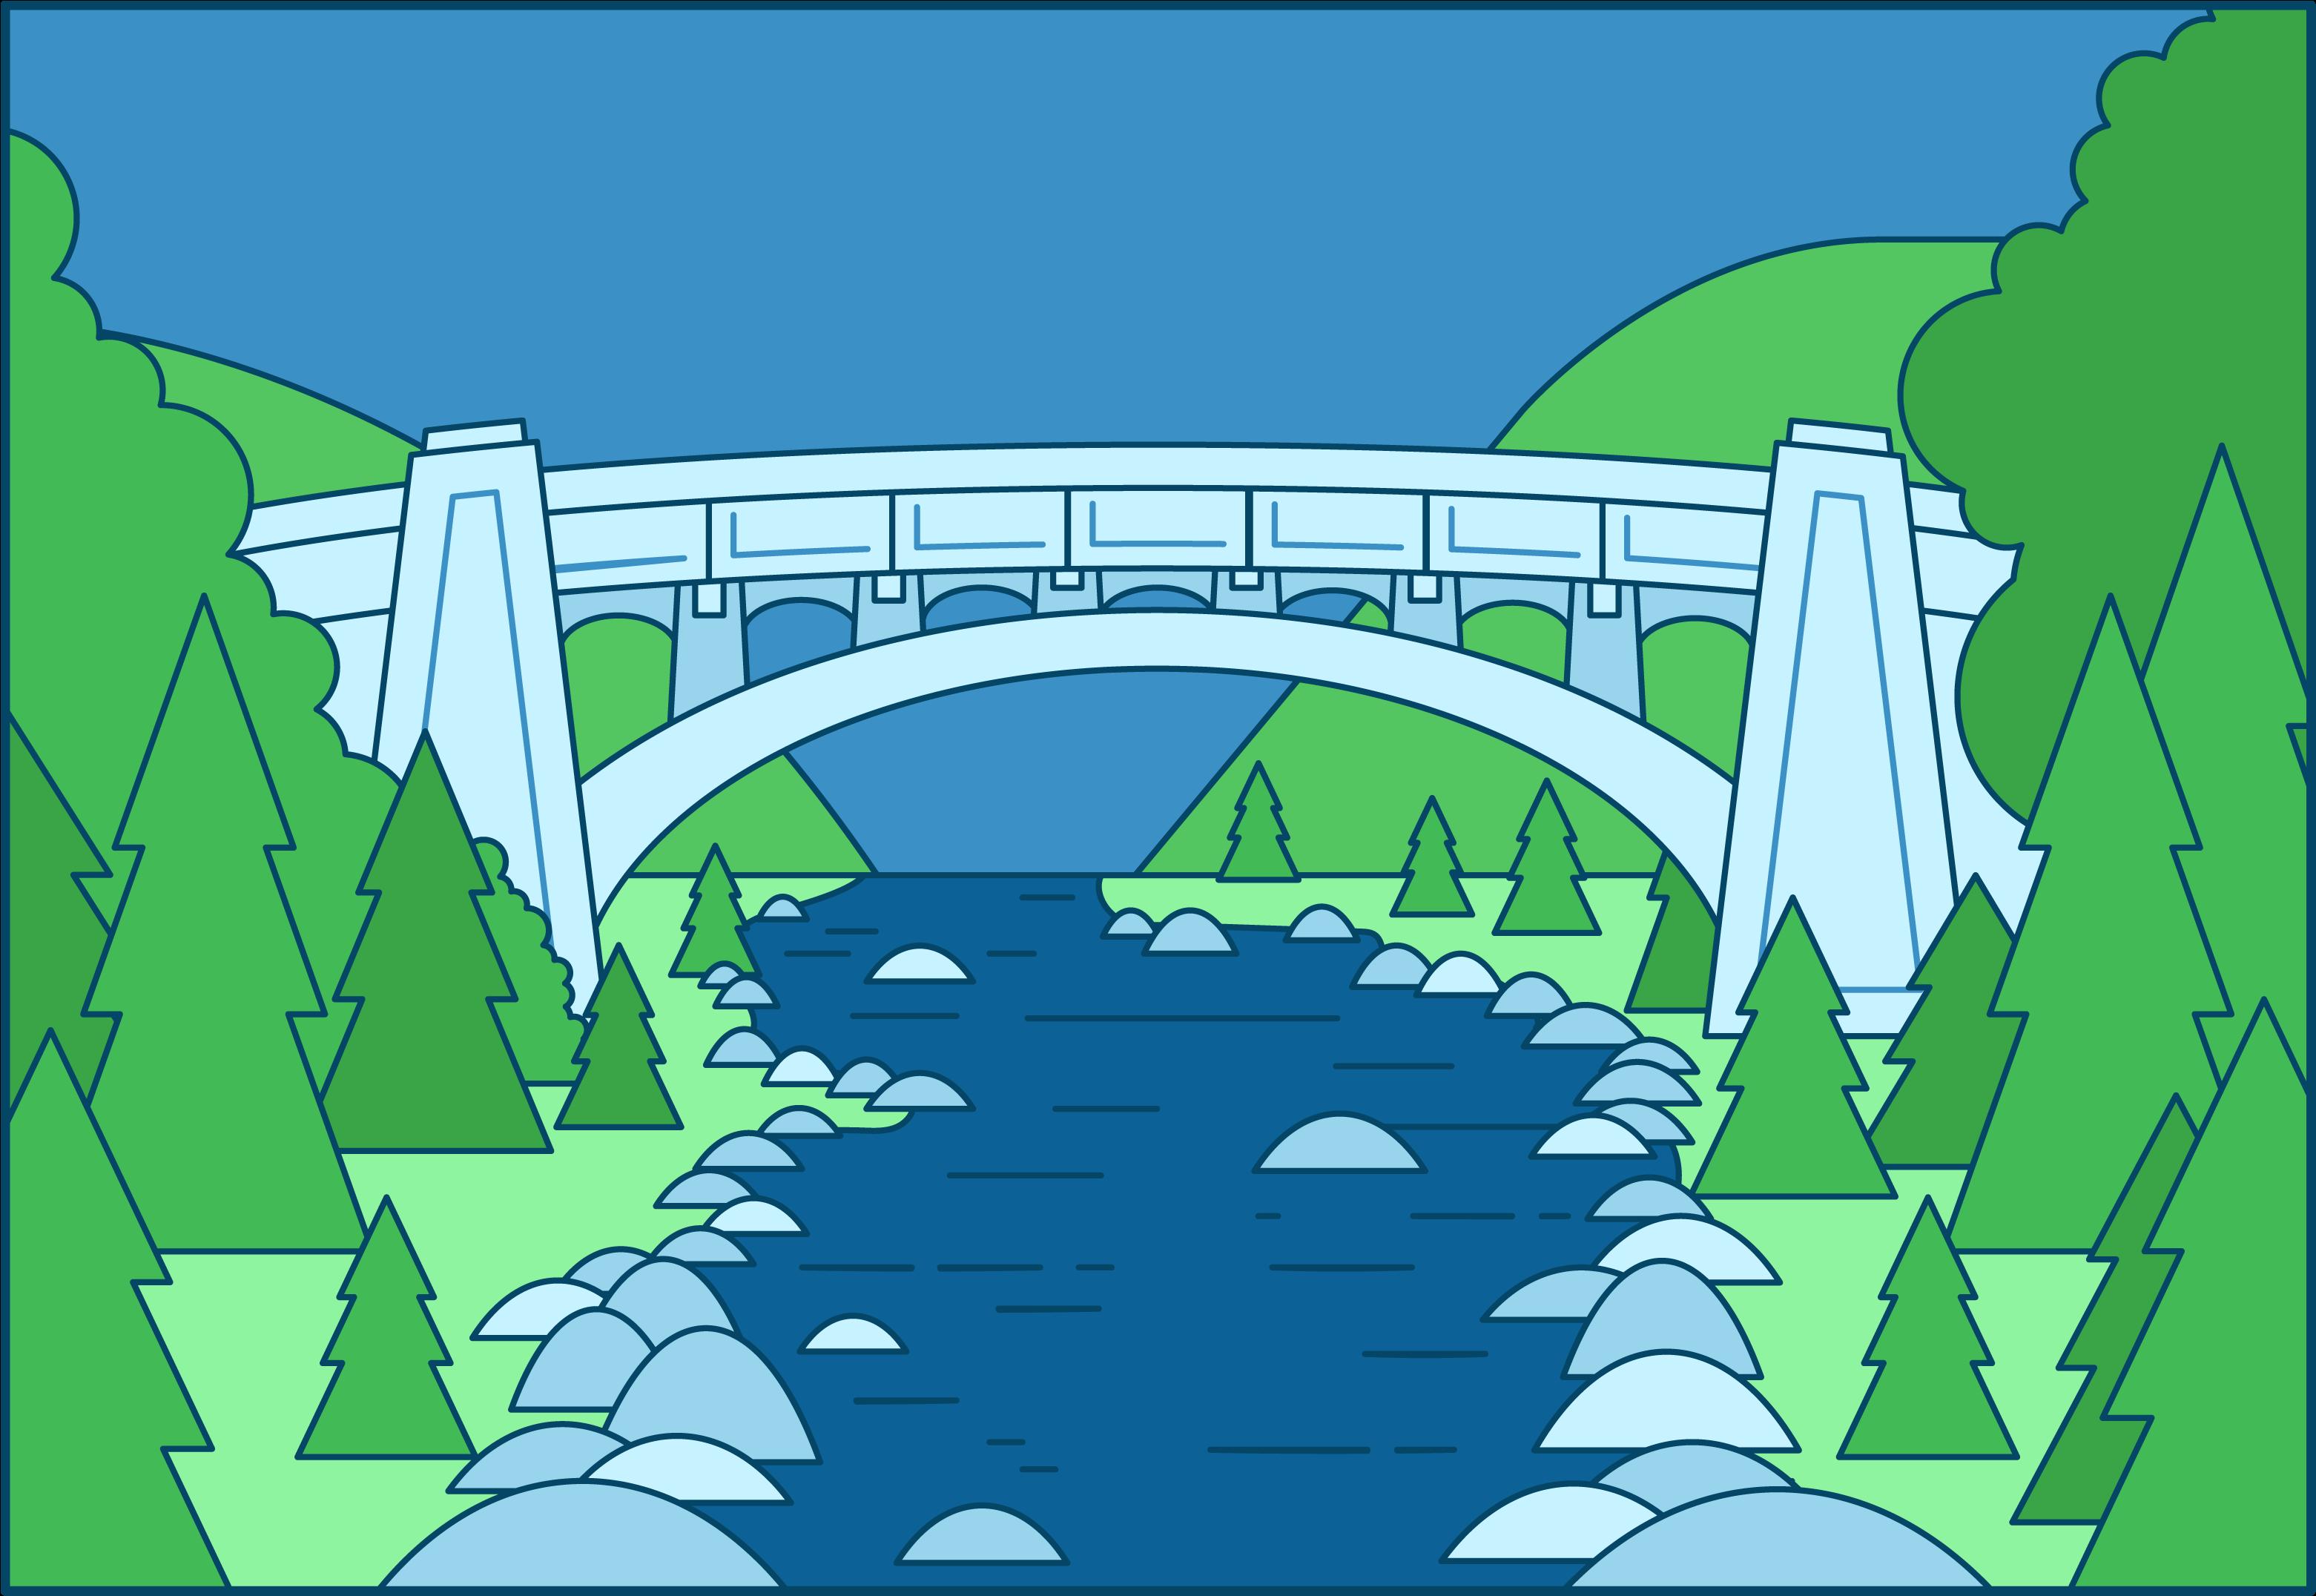 Point Six Engineering - Civil Engineer - Bridge